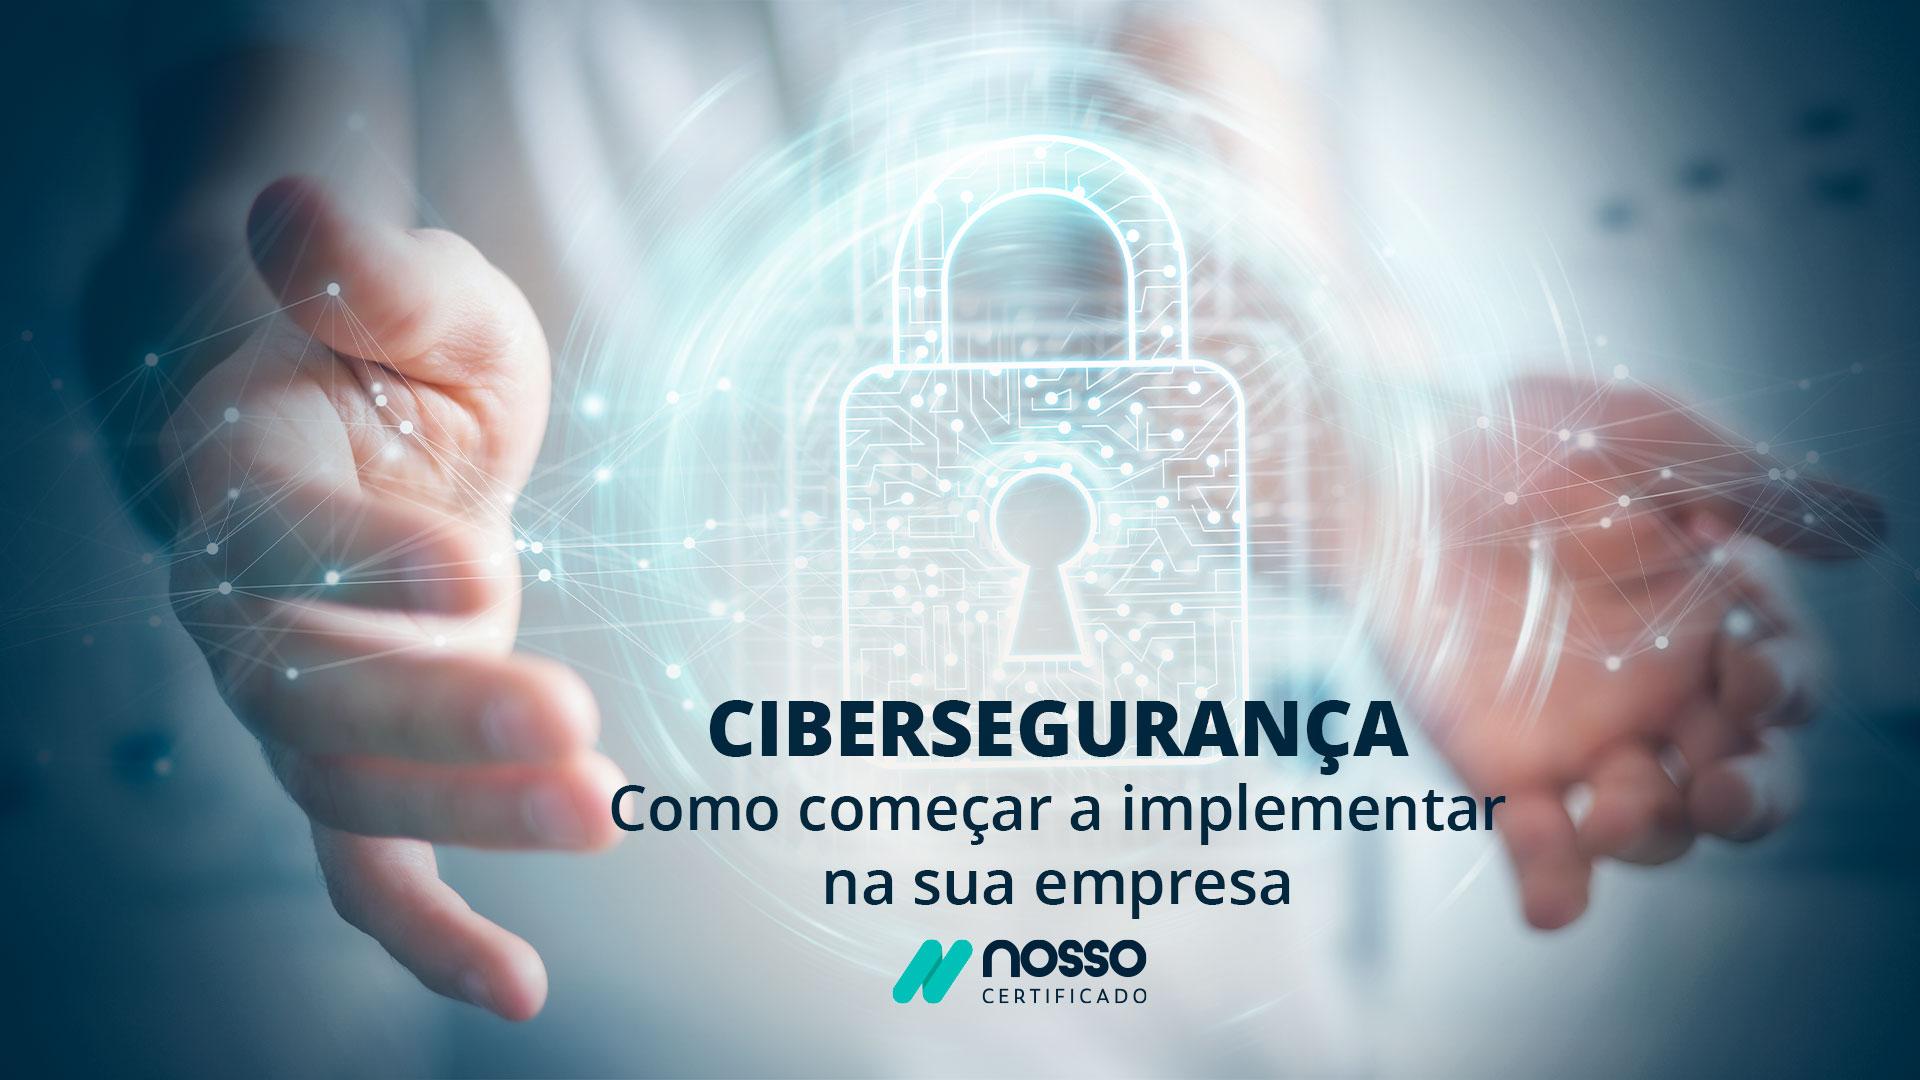 Cibersegurança---Como-começar-a-implementar-na-sua-empresa